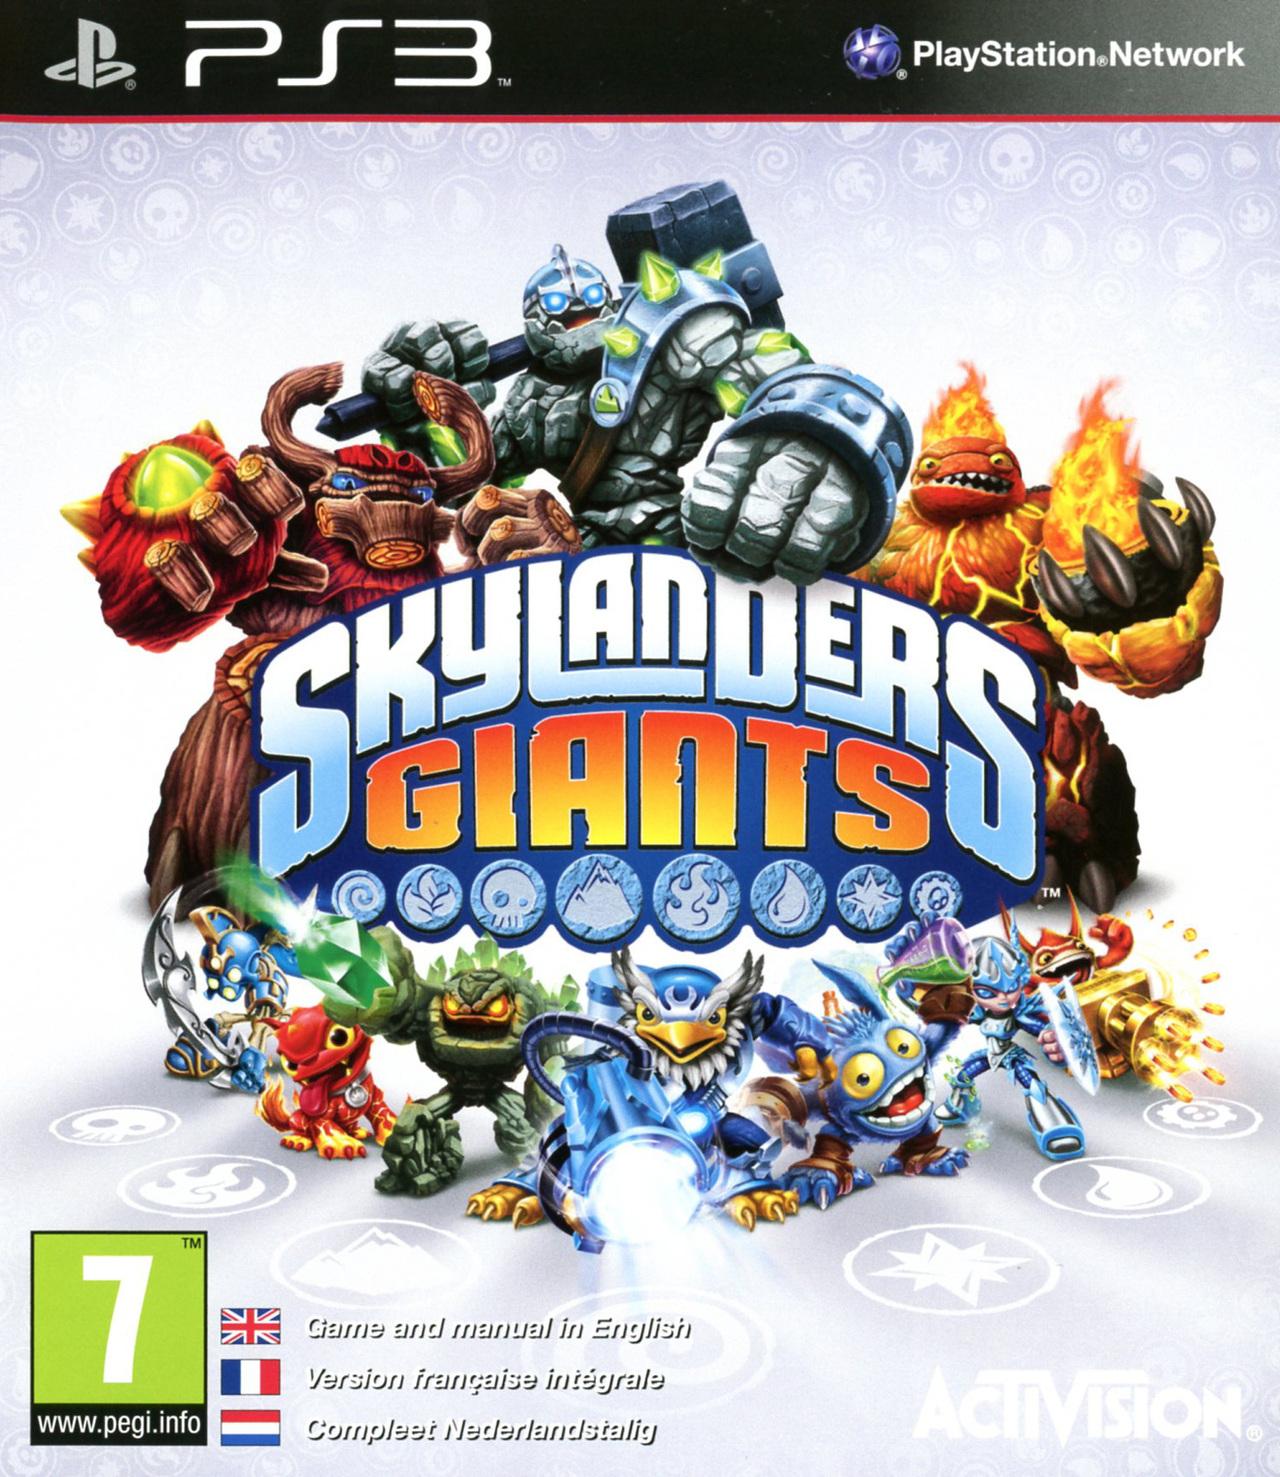 collection de jeux videos: 431 jeux/28 consoles/2 Pcb - Page 7 Jaquette-skylanders-giants-playstation-3-ps3-cover